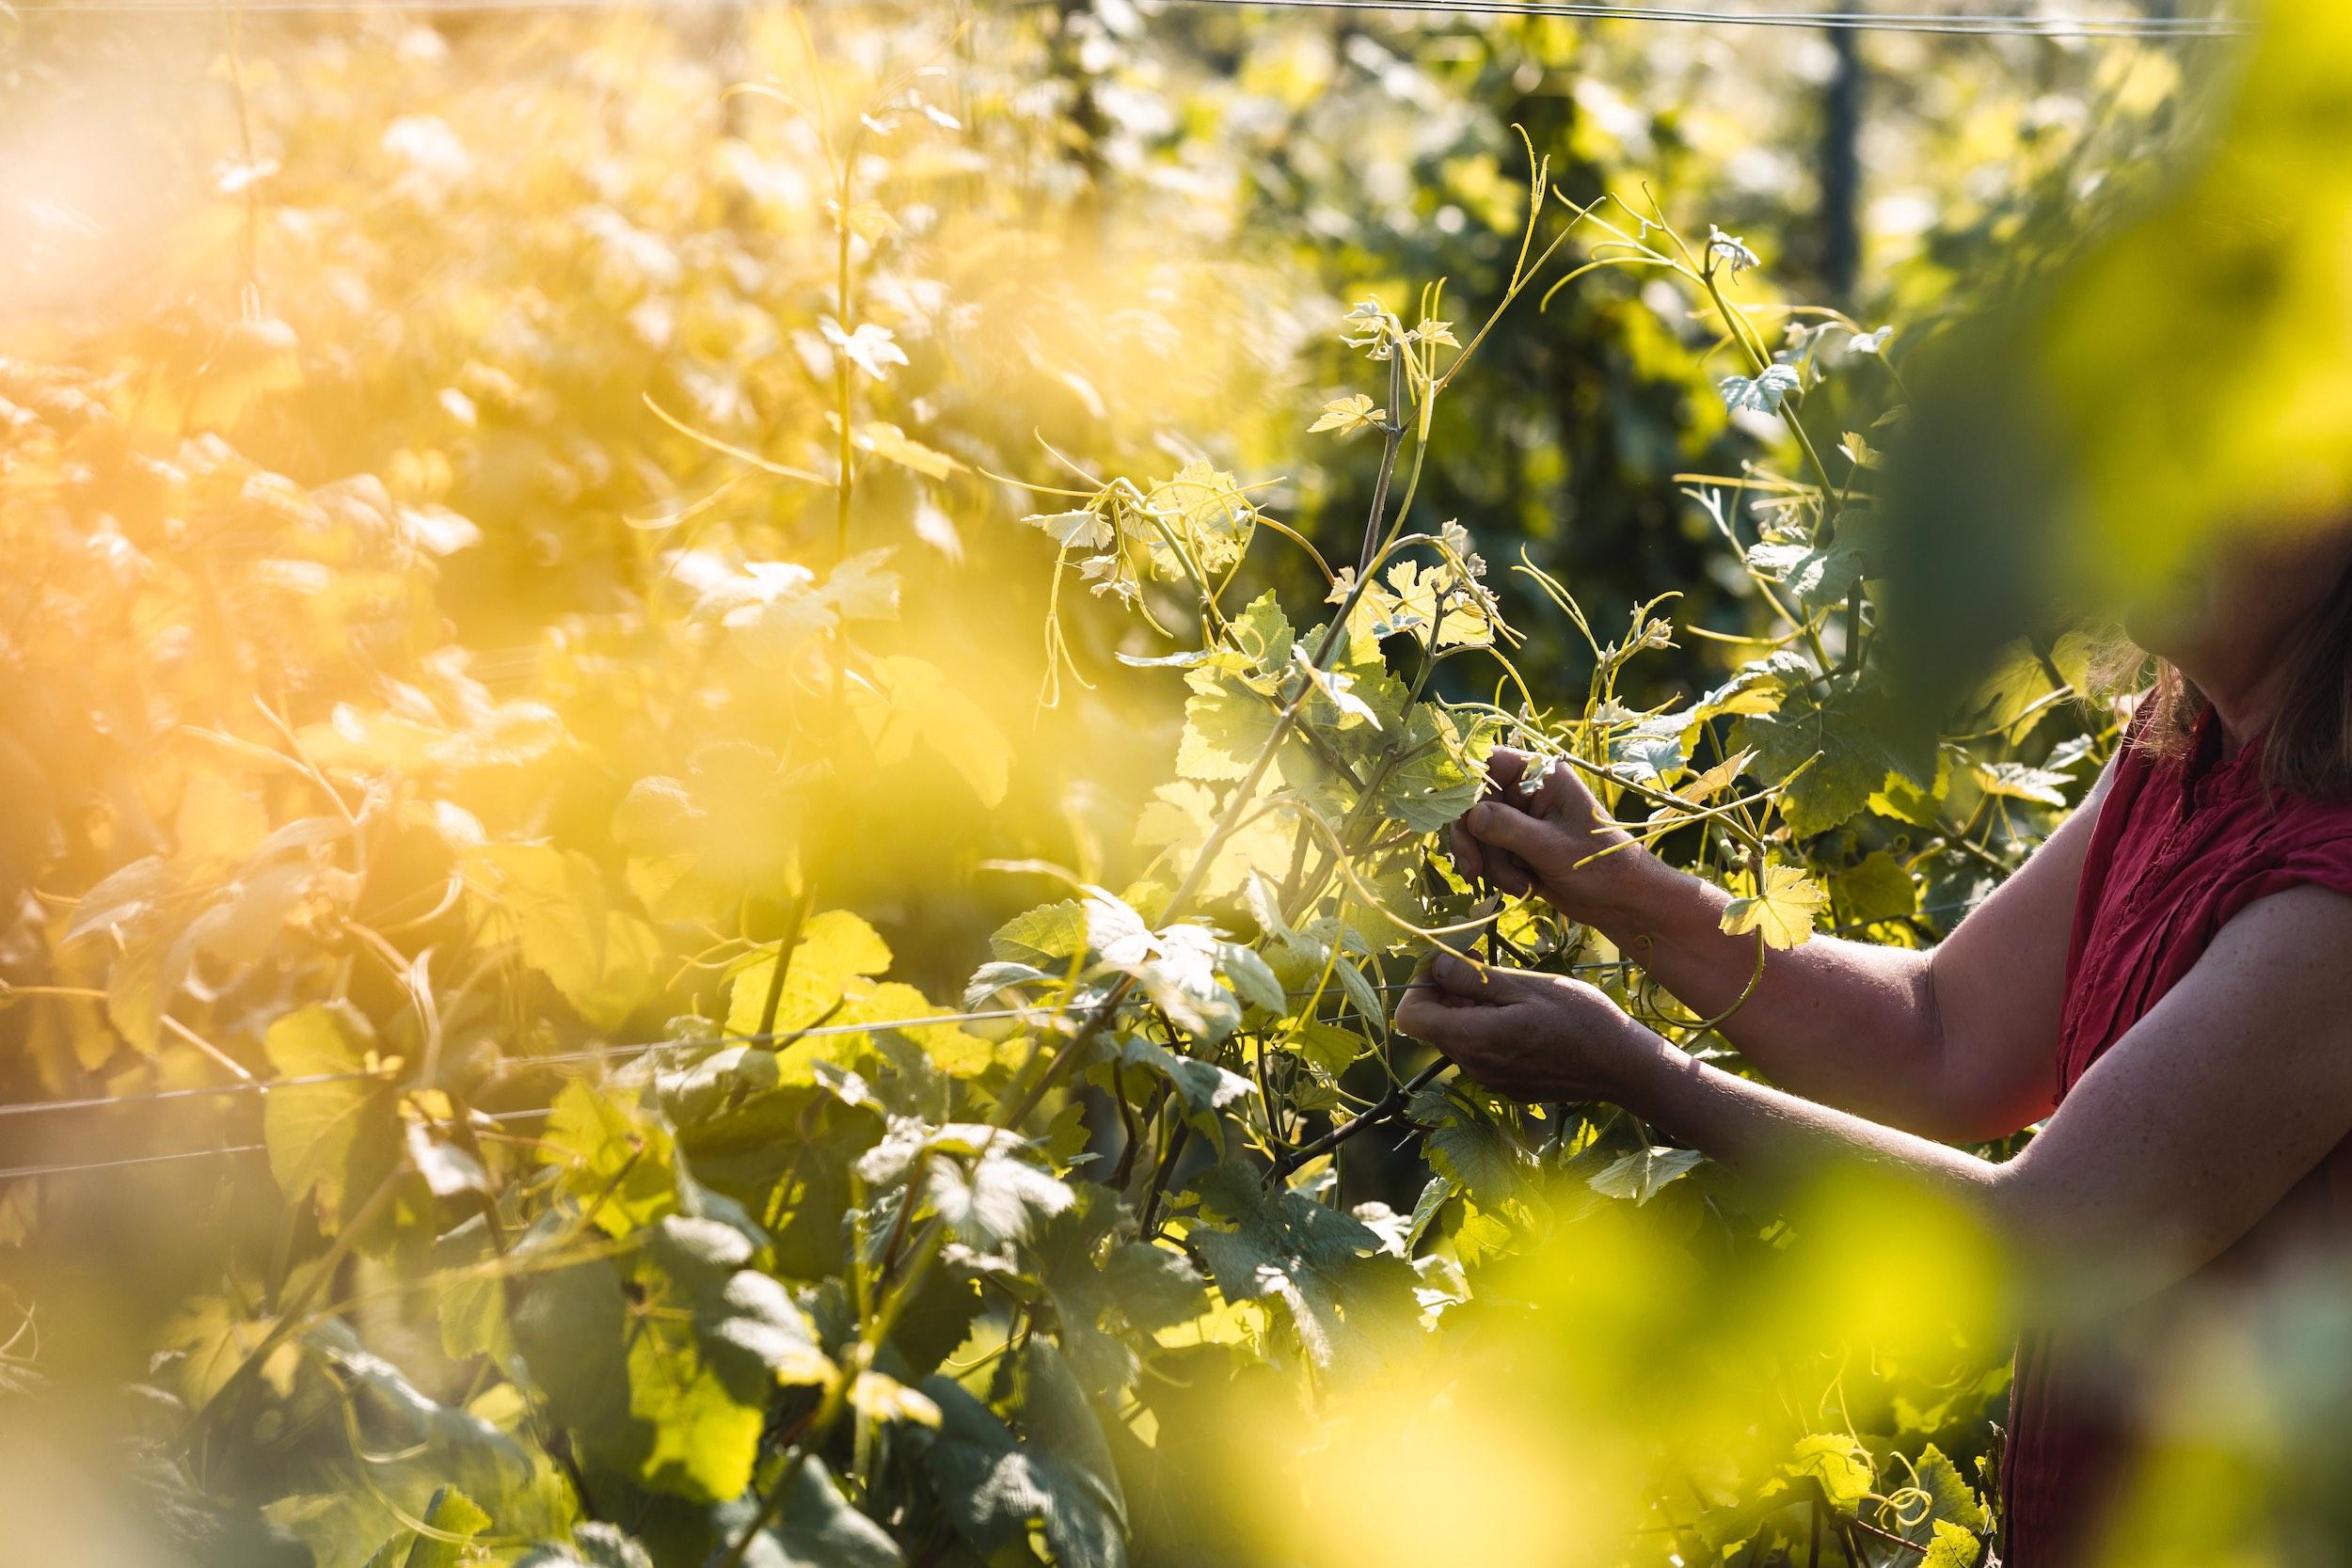 Oxney Organic vineyard English wine harvest 2021